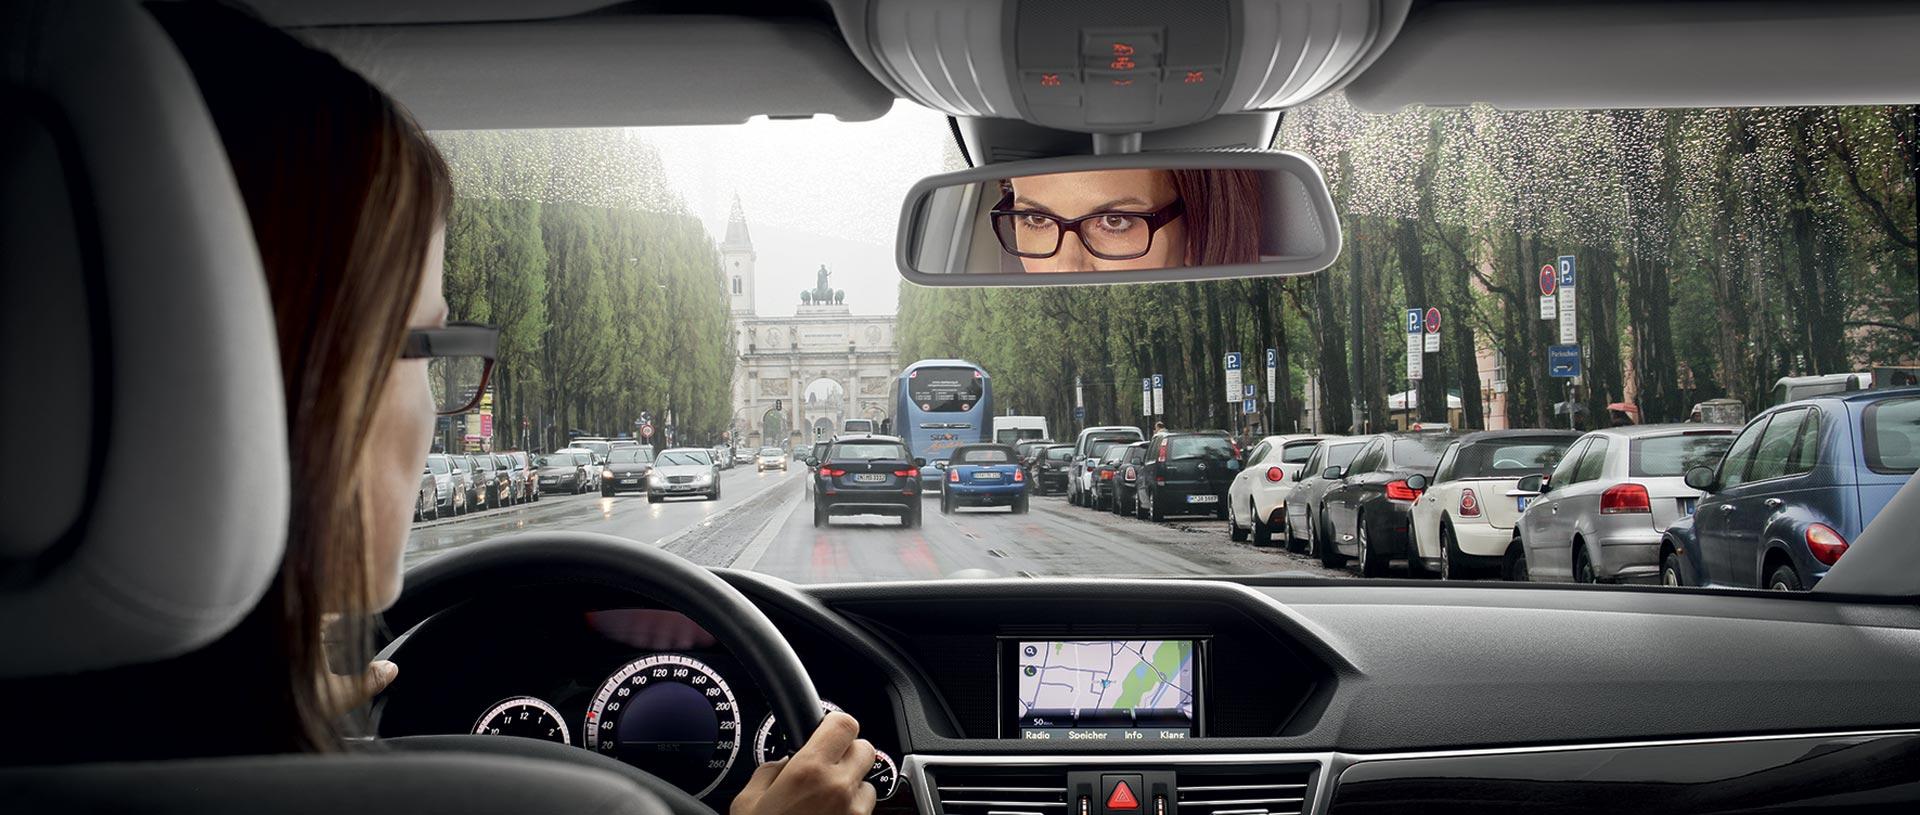 Lösche Optik Beitragsbild Drive Safe